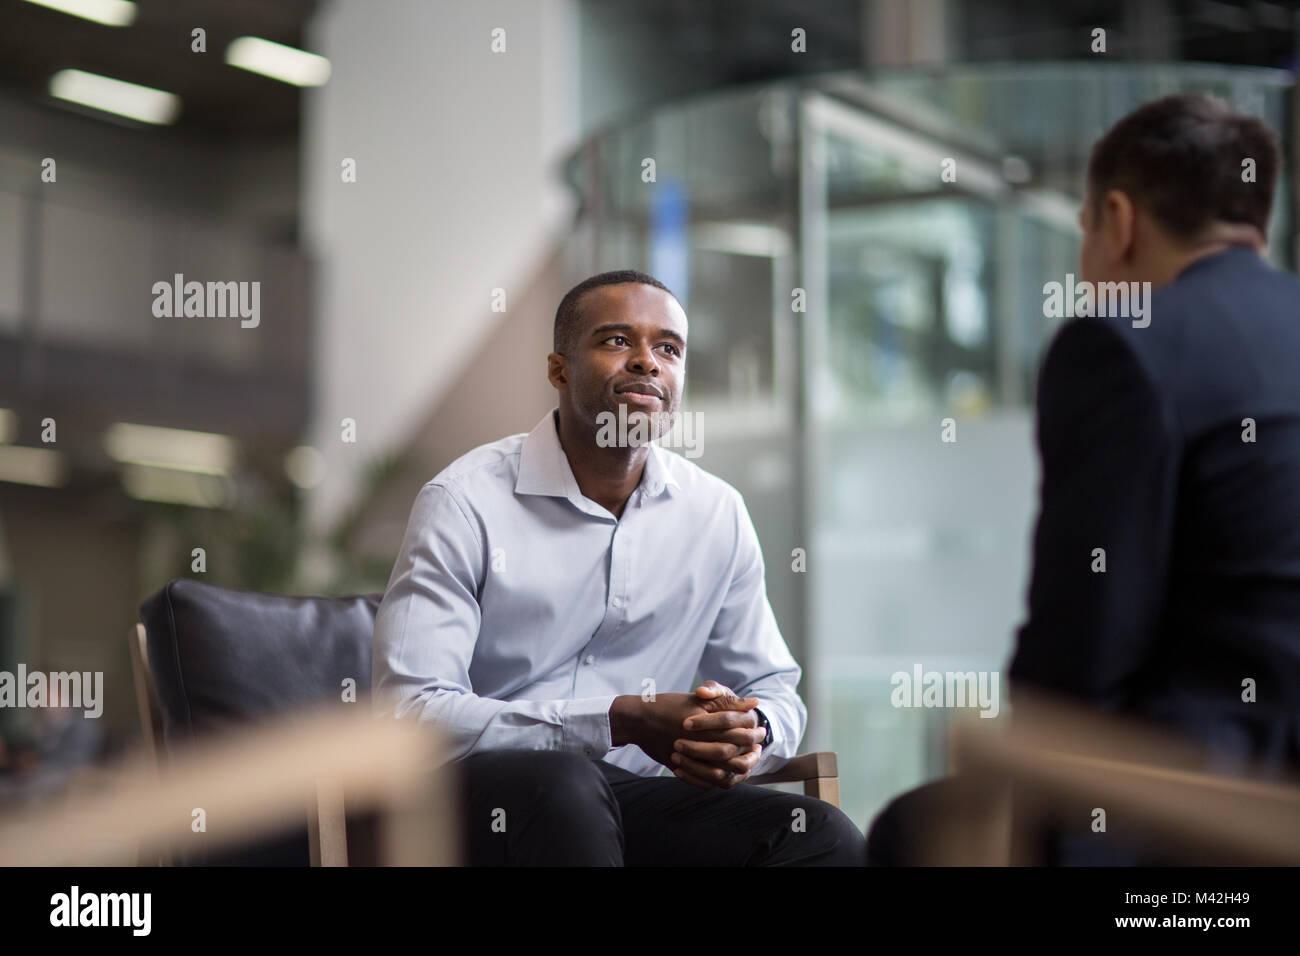 Imprenditore essendo posta una domanda in un colloquio di lavoro Immagini Stock